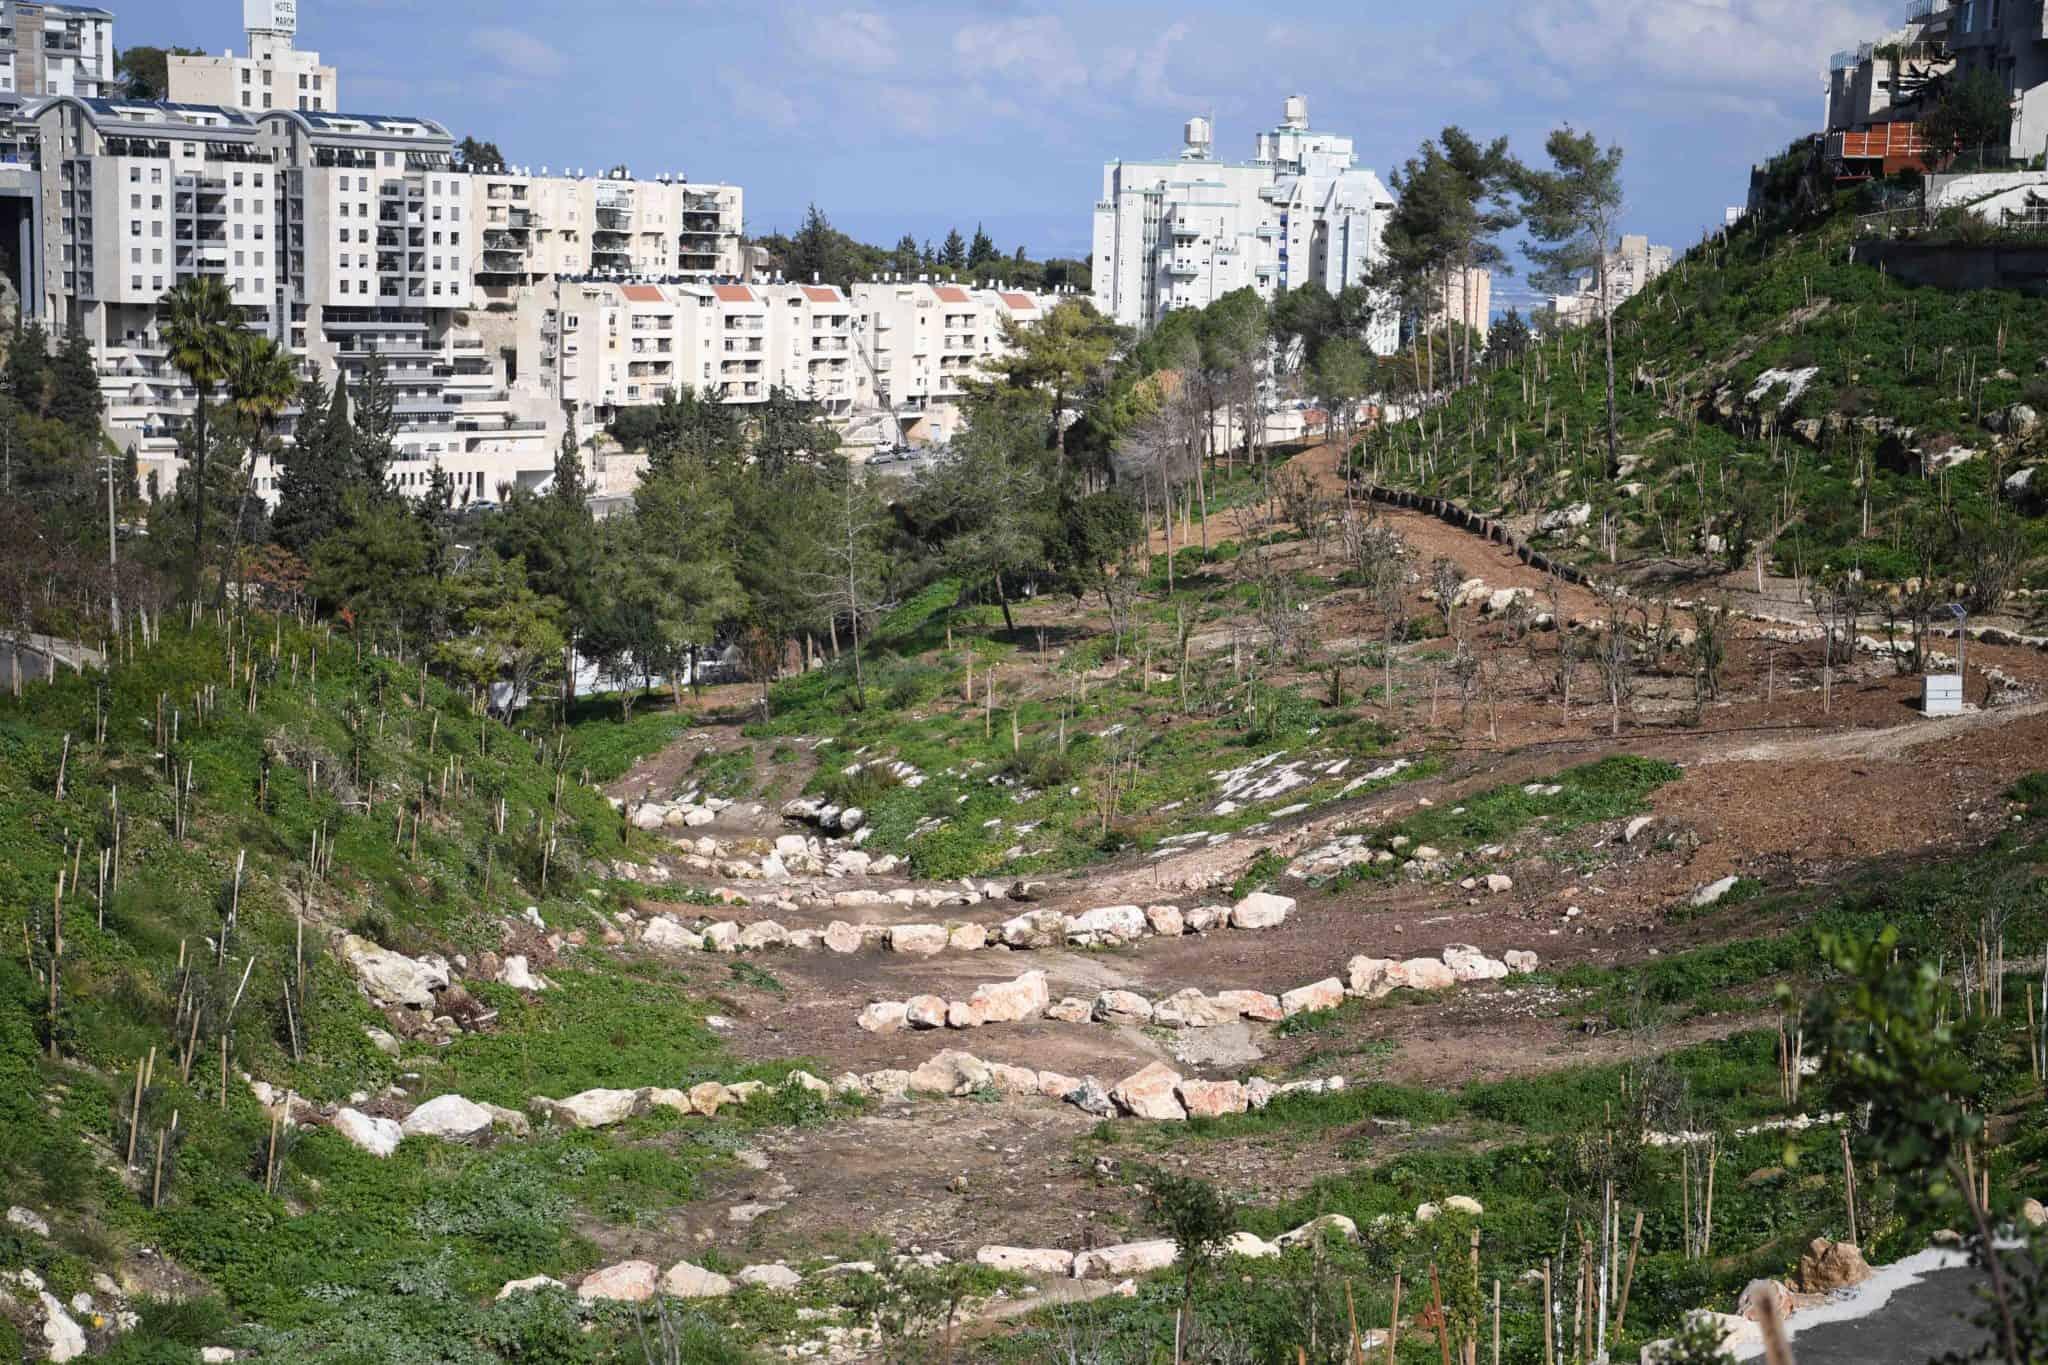 חיפה: העיר הראשונה בישראל שהצטרפה ליוזמה בינלאומית לשימור יערות